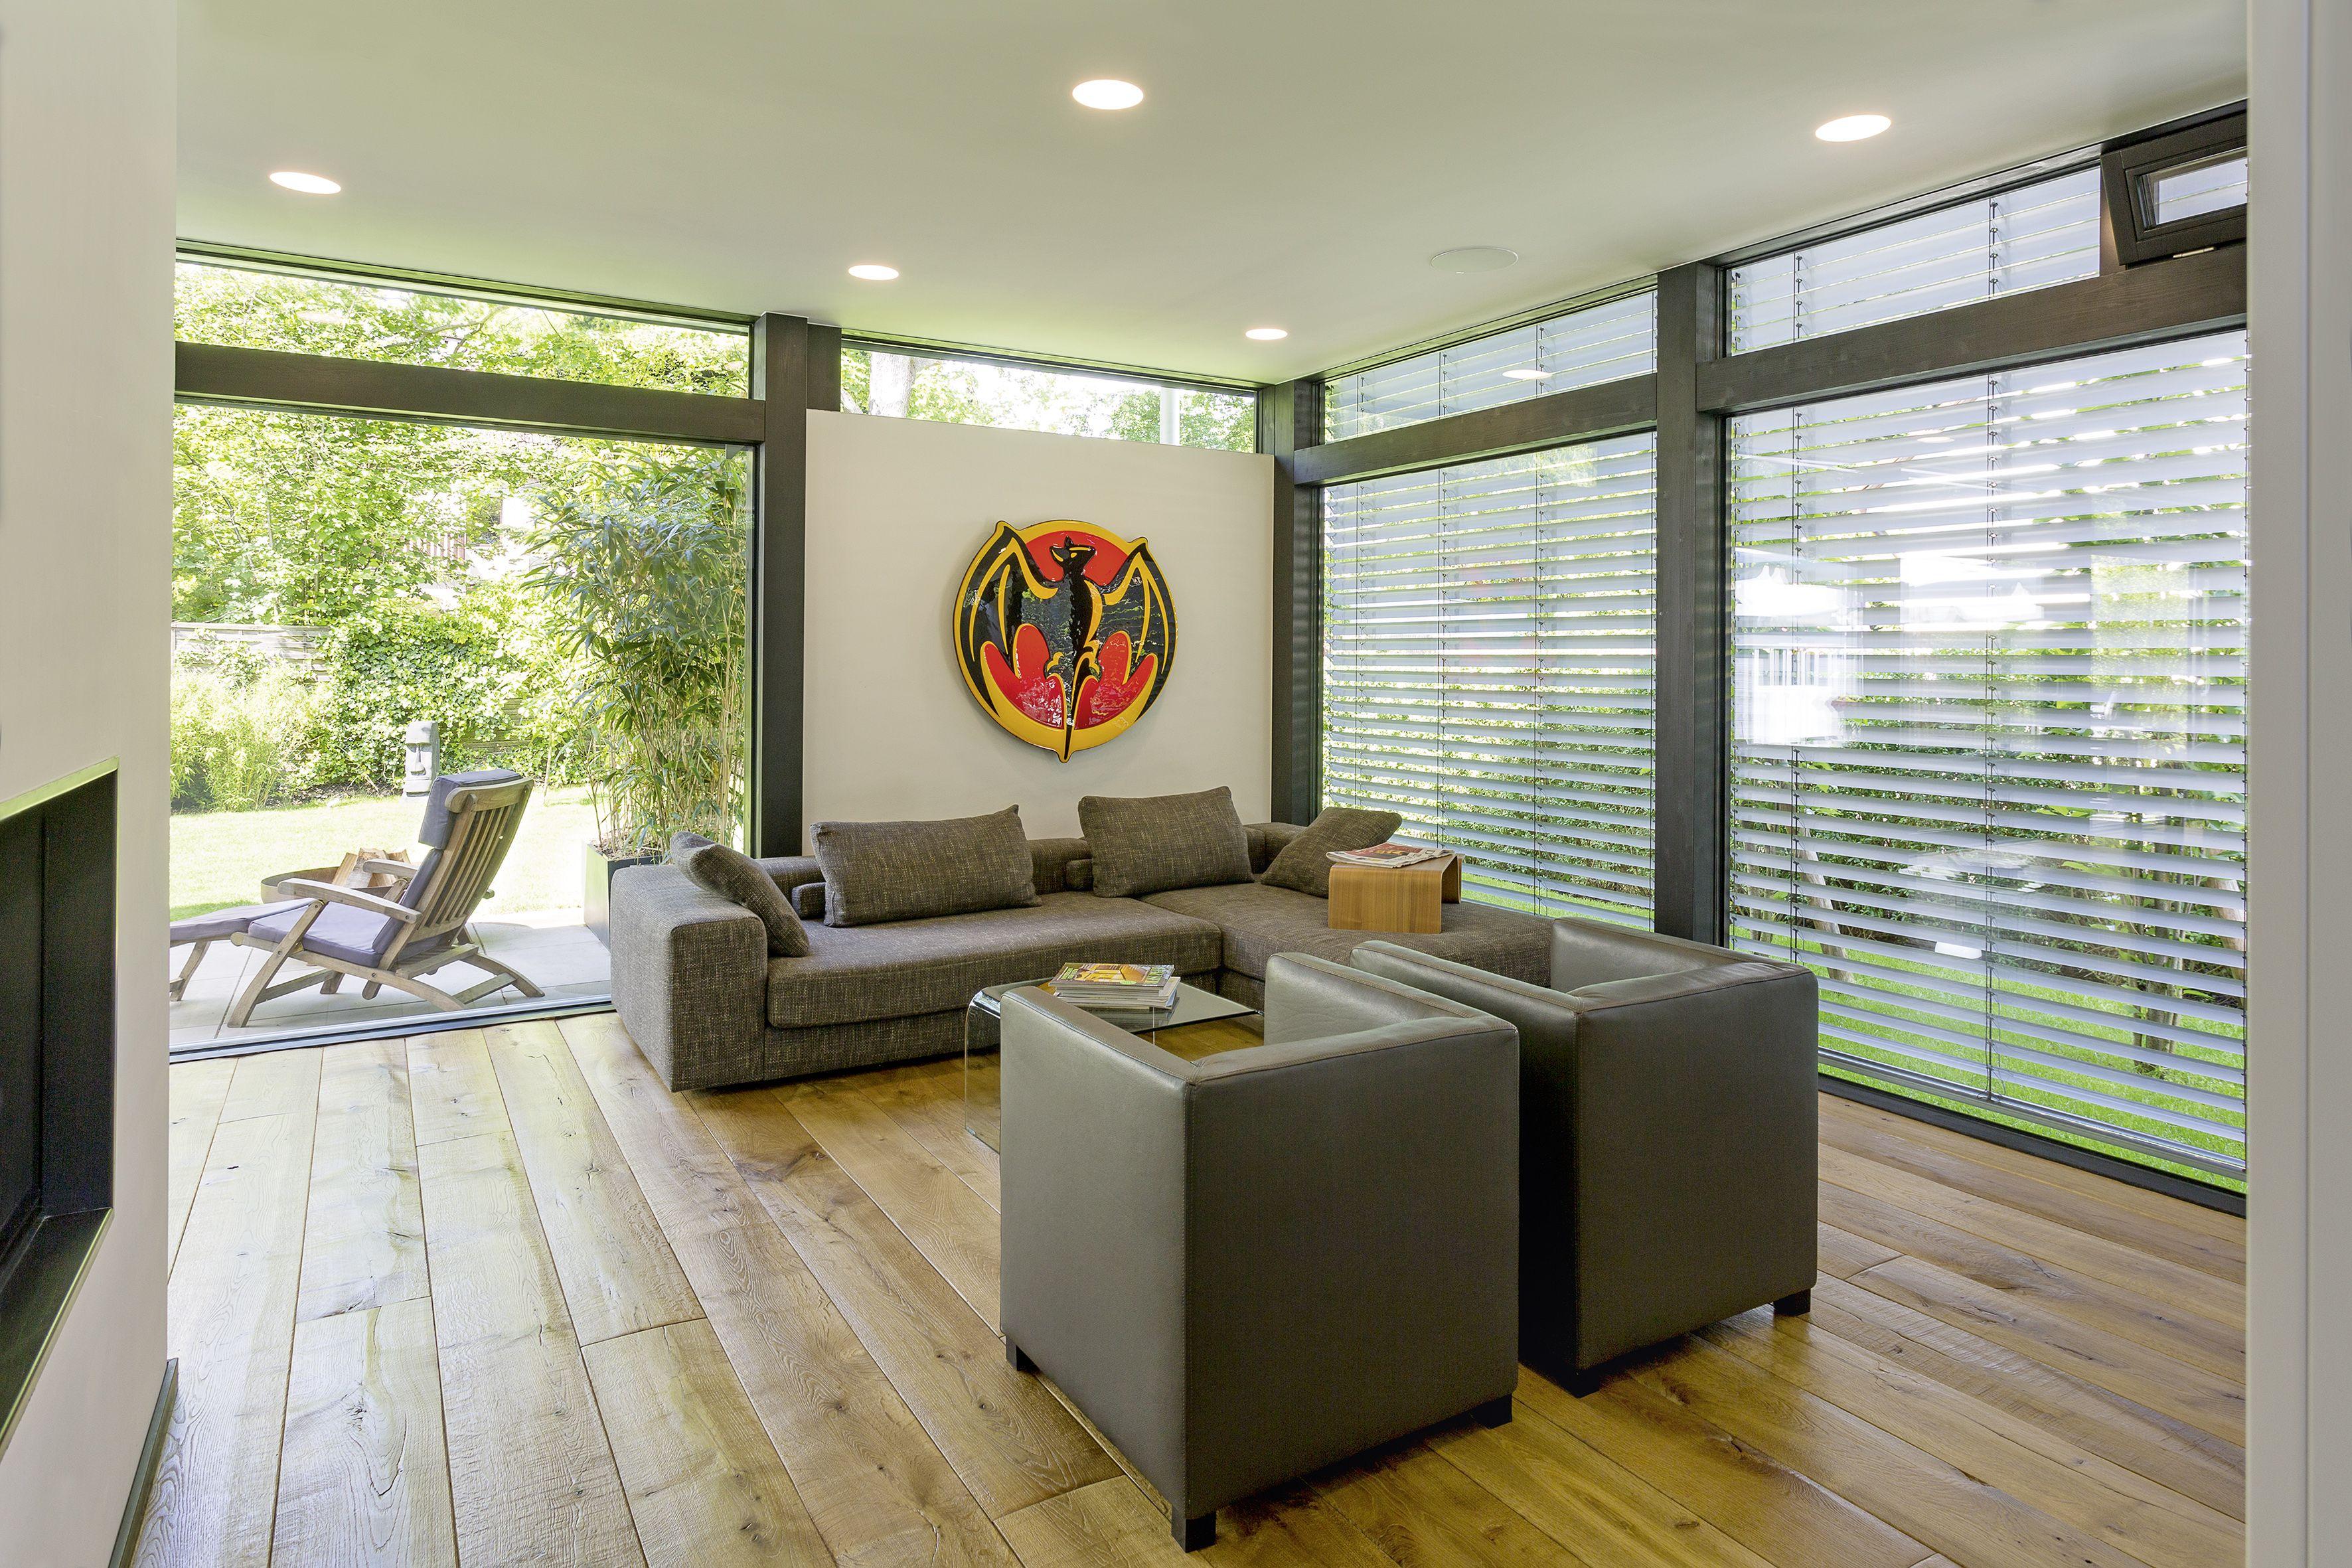 Ein Besonderes Merkmal Ist Die Architektonisch Geschickt Eingesetzte Lichtachse Die Sich Von Der Haustur In Ri Einfamilienhaus Outdoor Dekorationen Aussenmobel